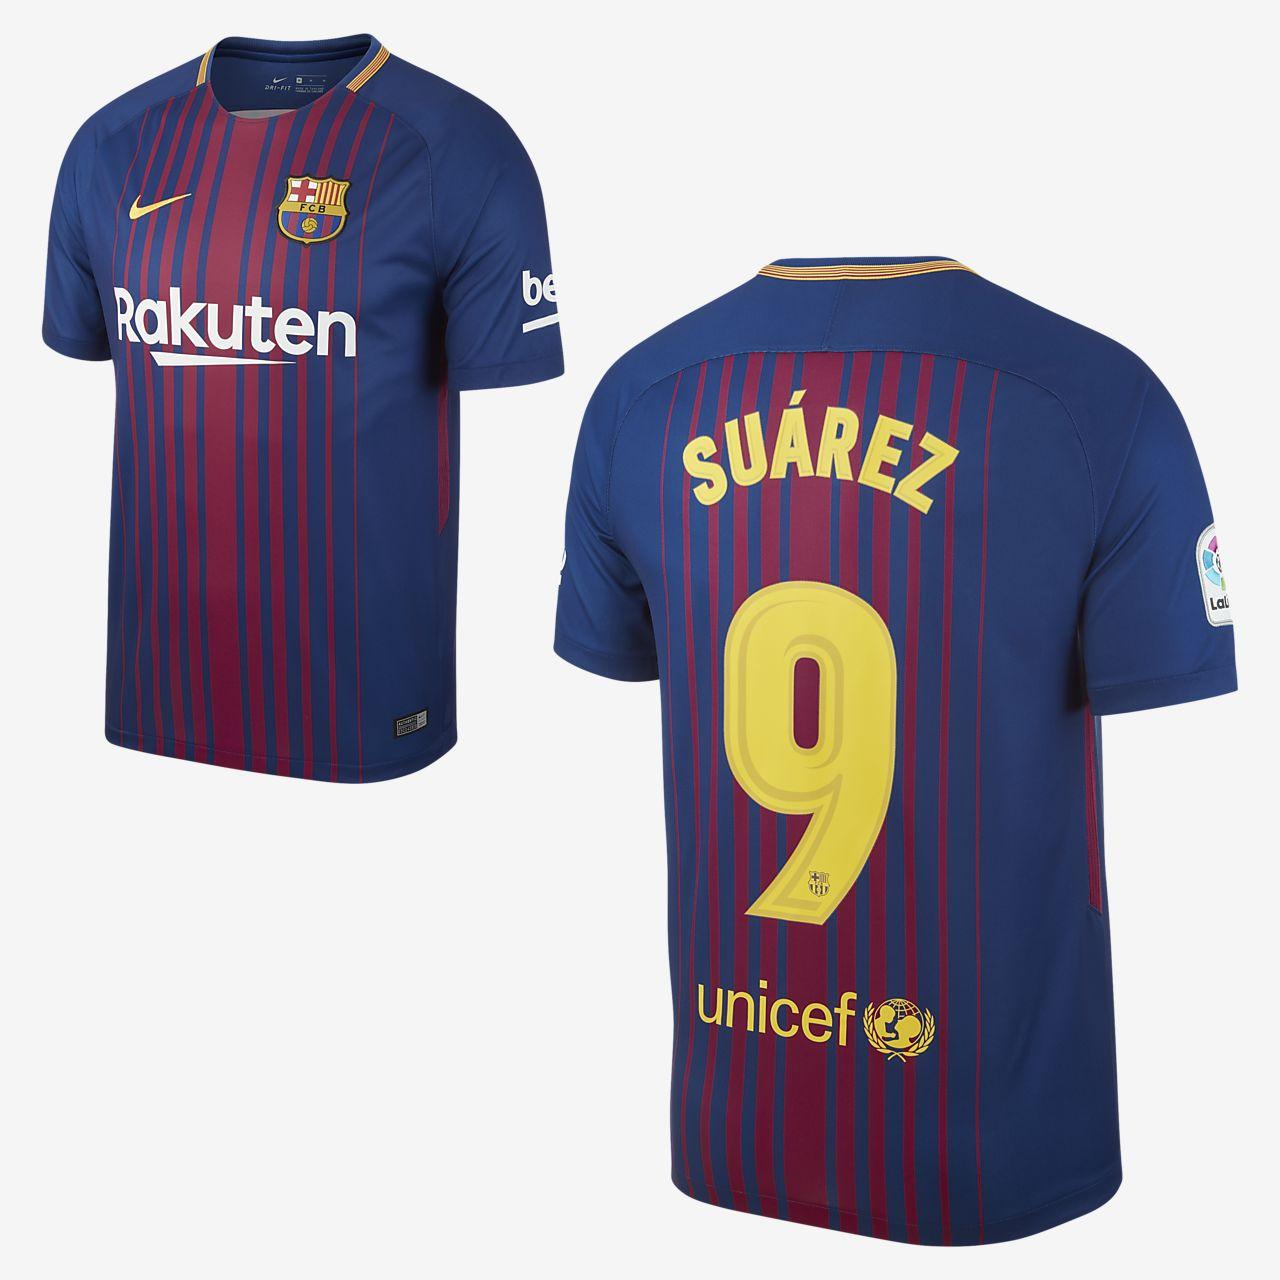 Maillot Extérieur FC Barcelona Suárez